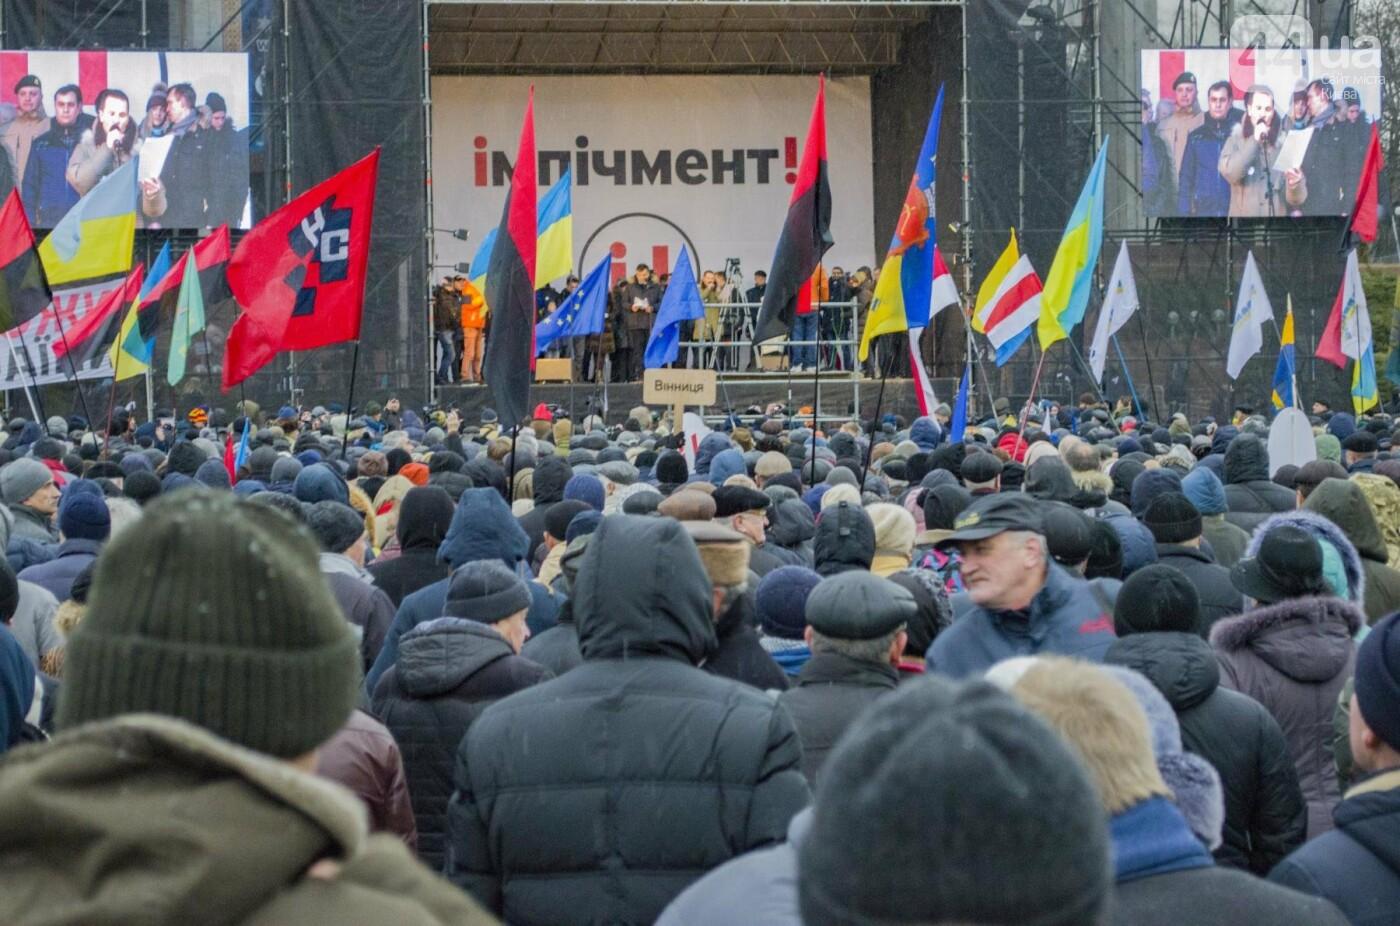 Порошенко дали 14 дней на отставку: Саакашвили провел очередной марш за импичмент, фото-17